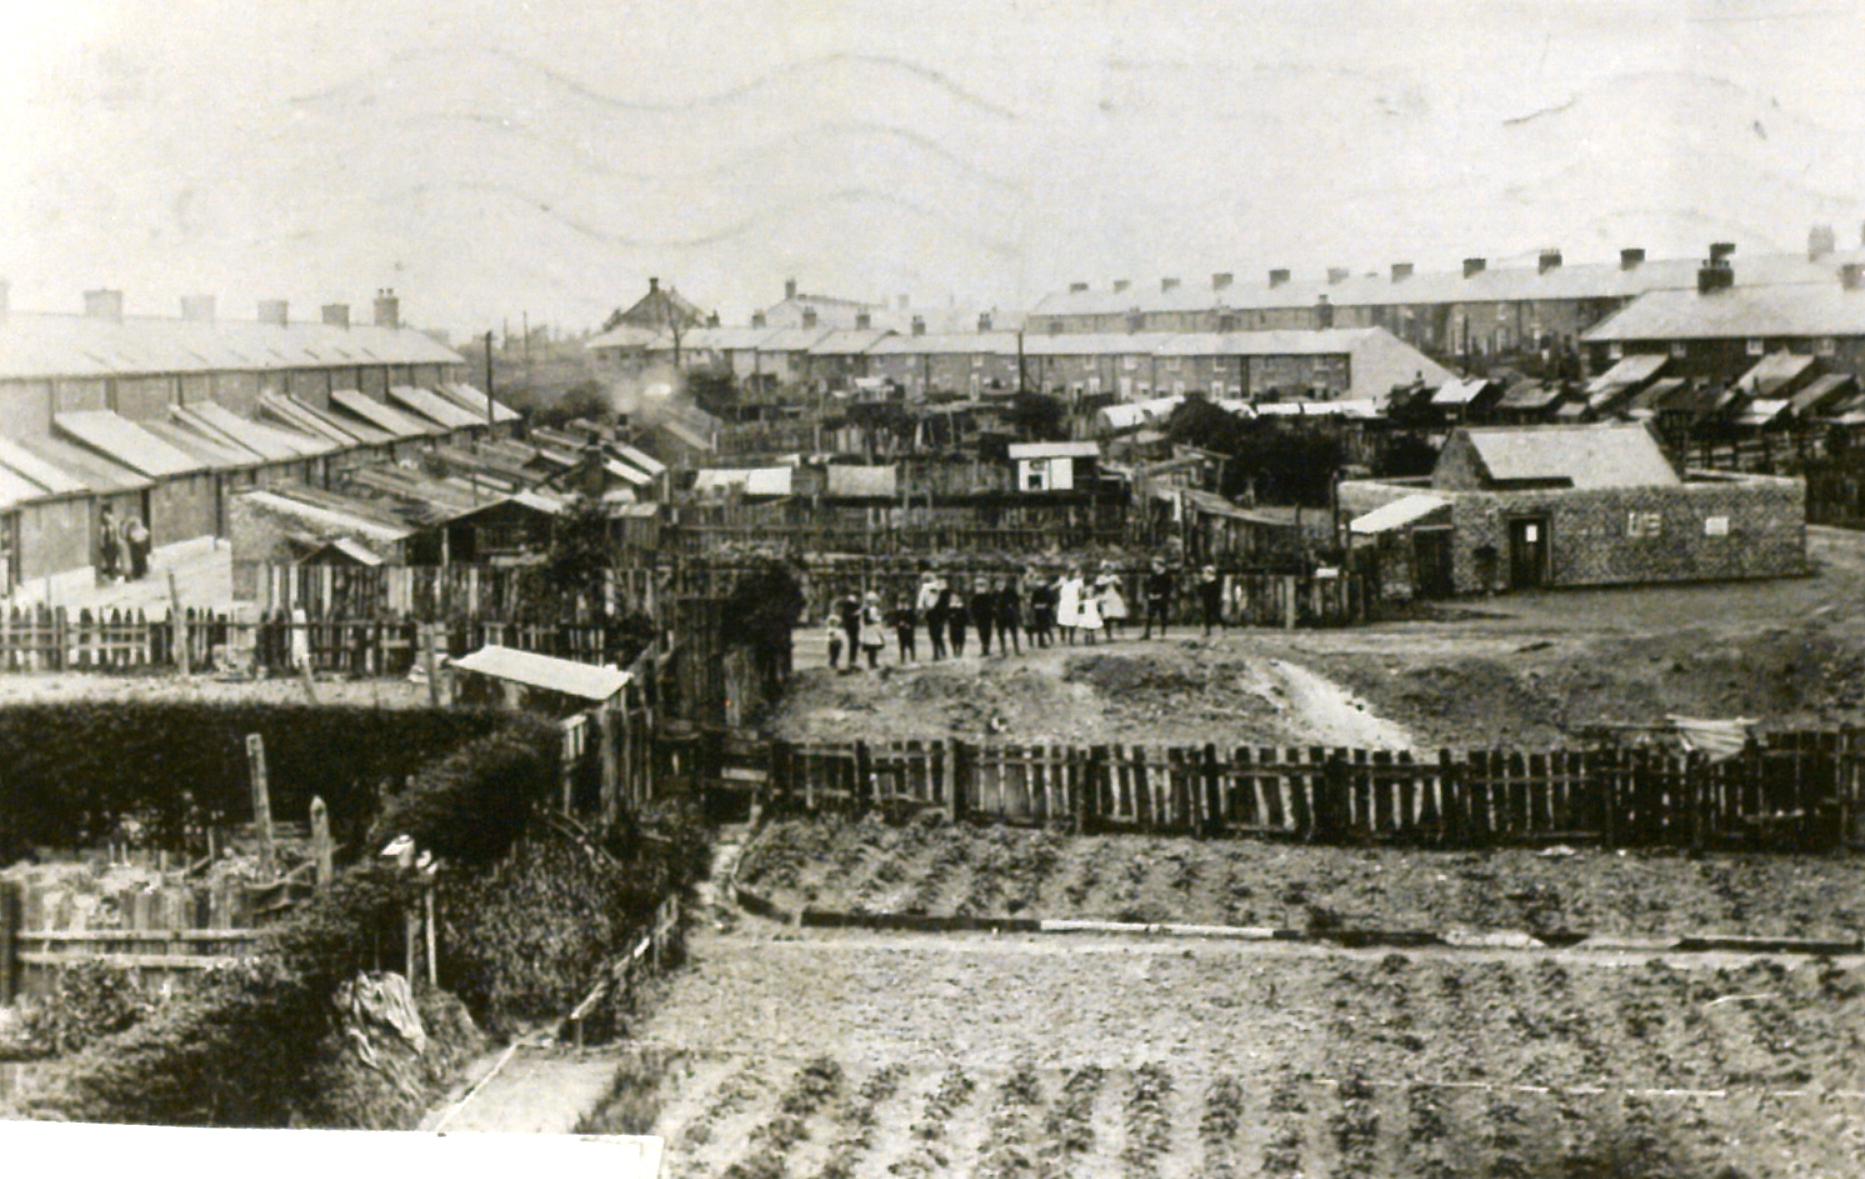 Seaton Burn about 1910